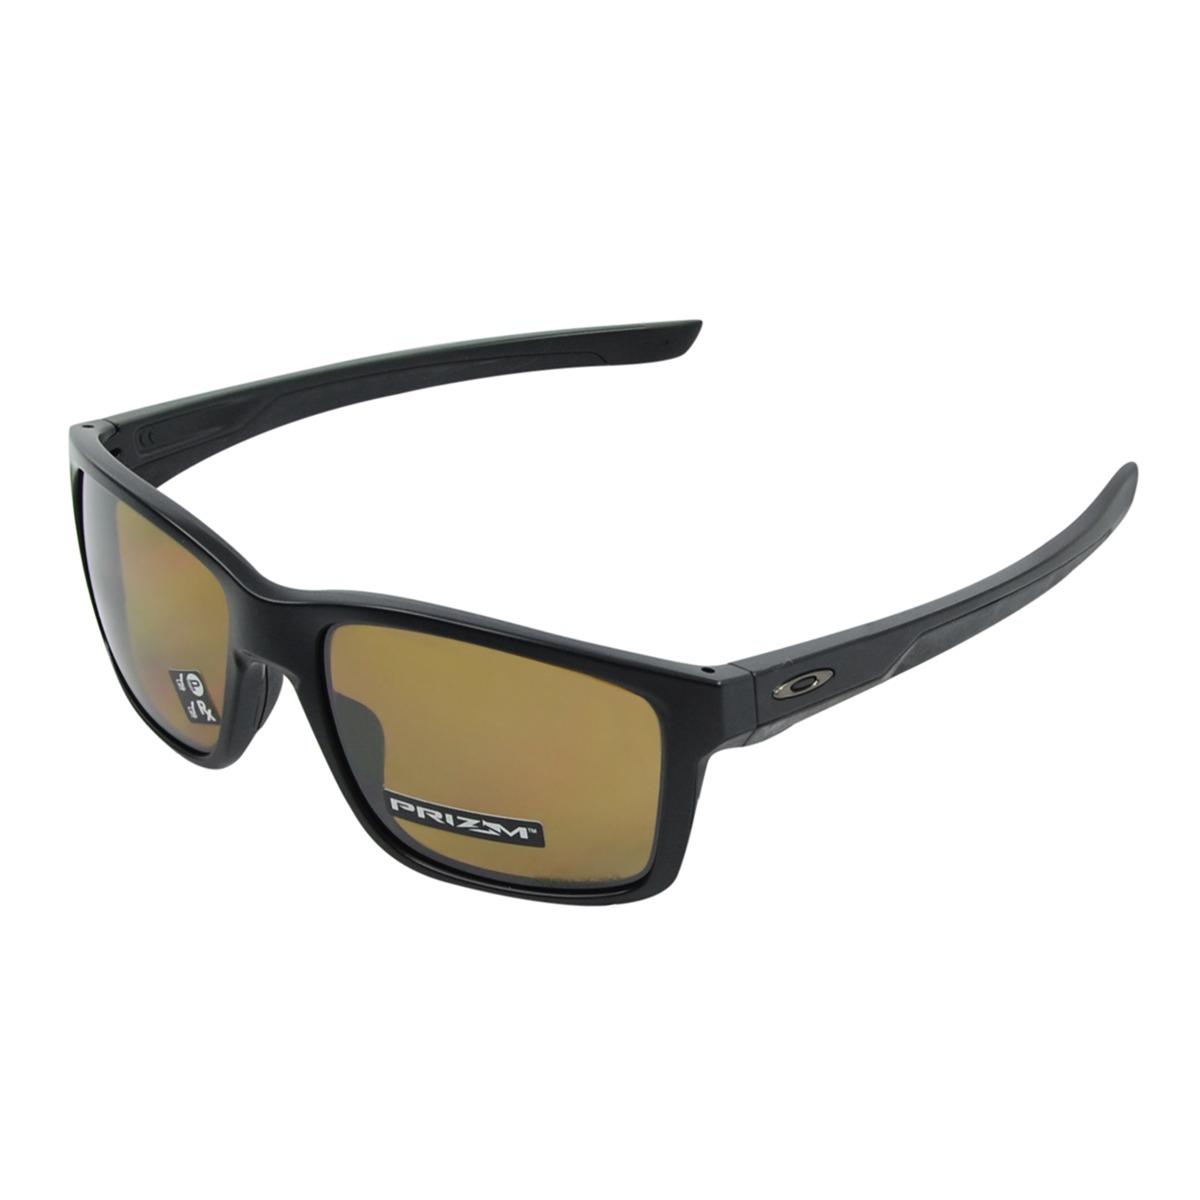 cb14c5b363607 Óculos Oakley Mainlink Matte Preto Tung - R  710,00 em Mercado Livre